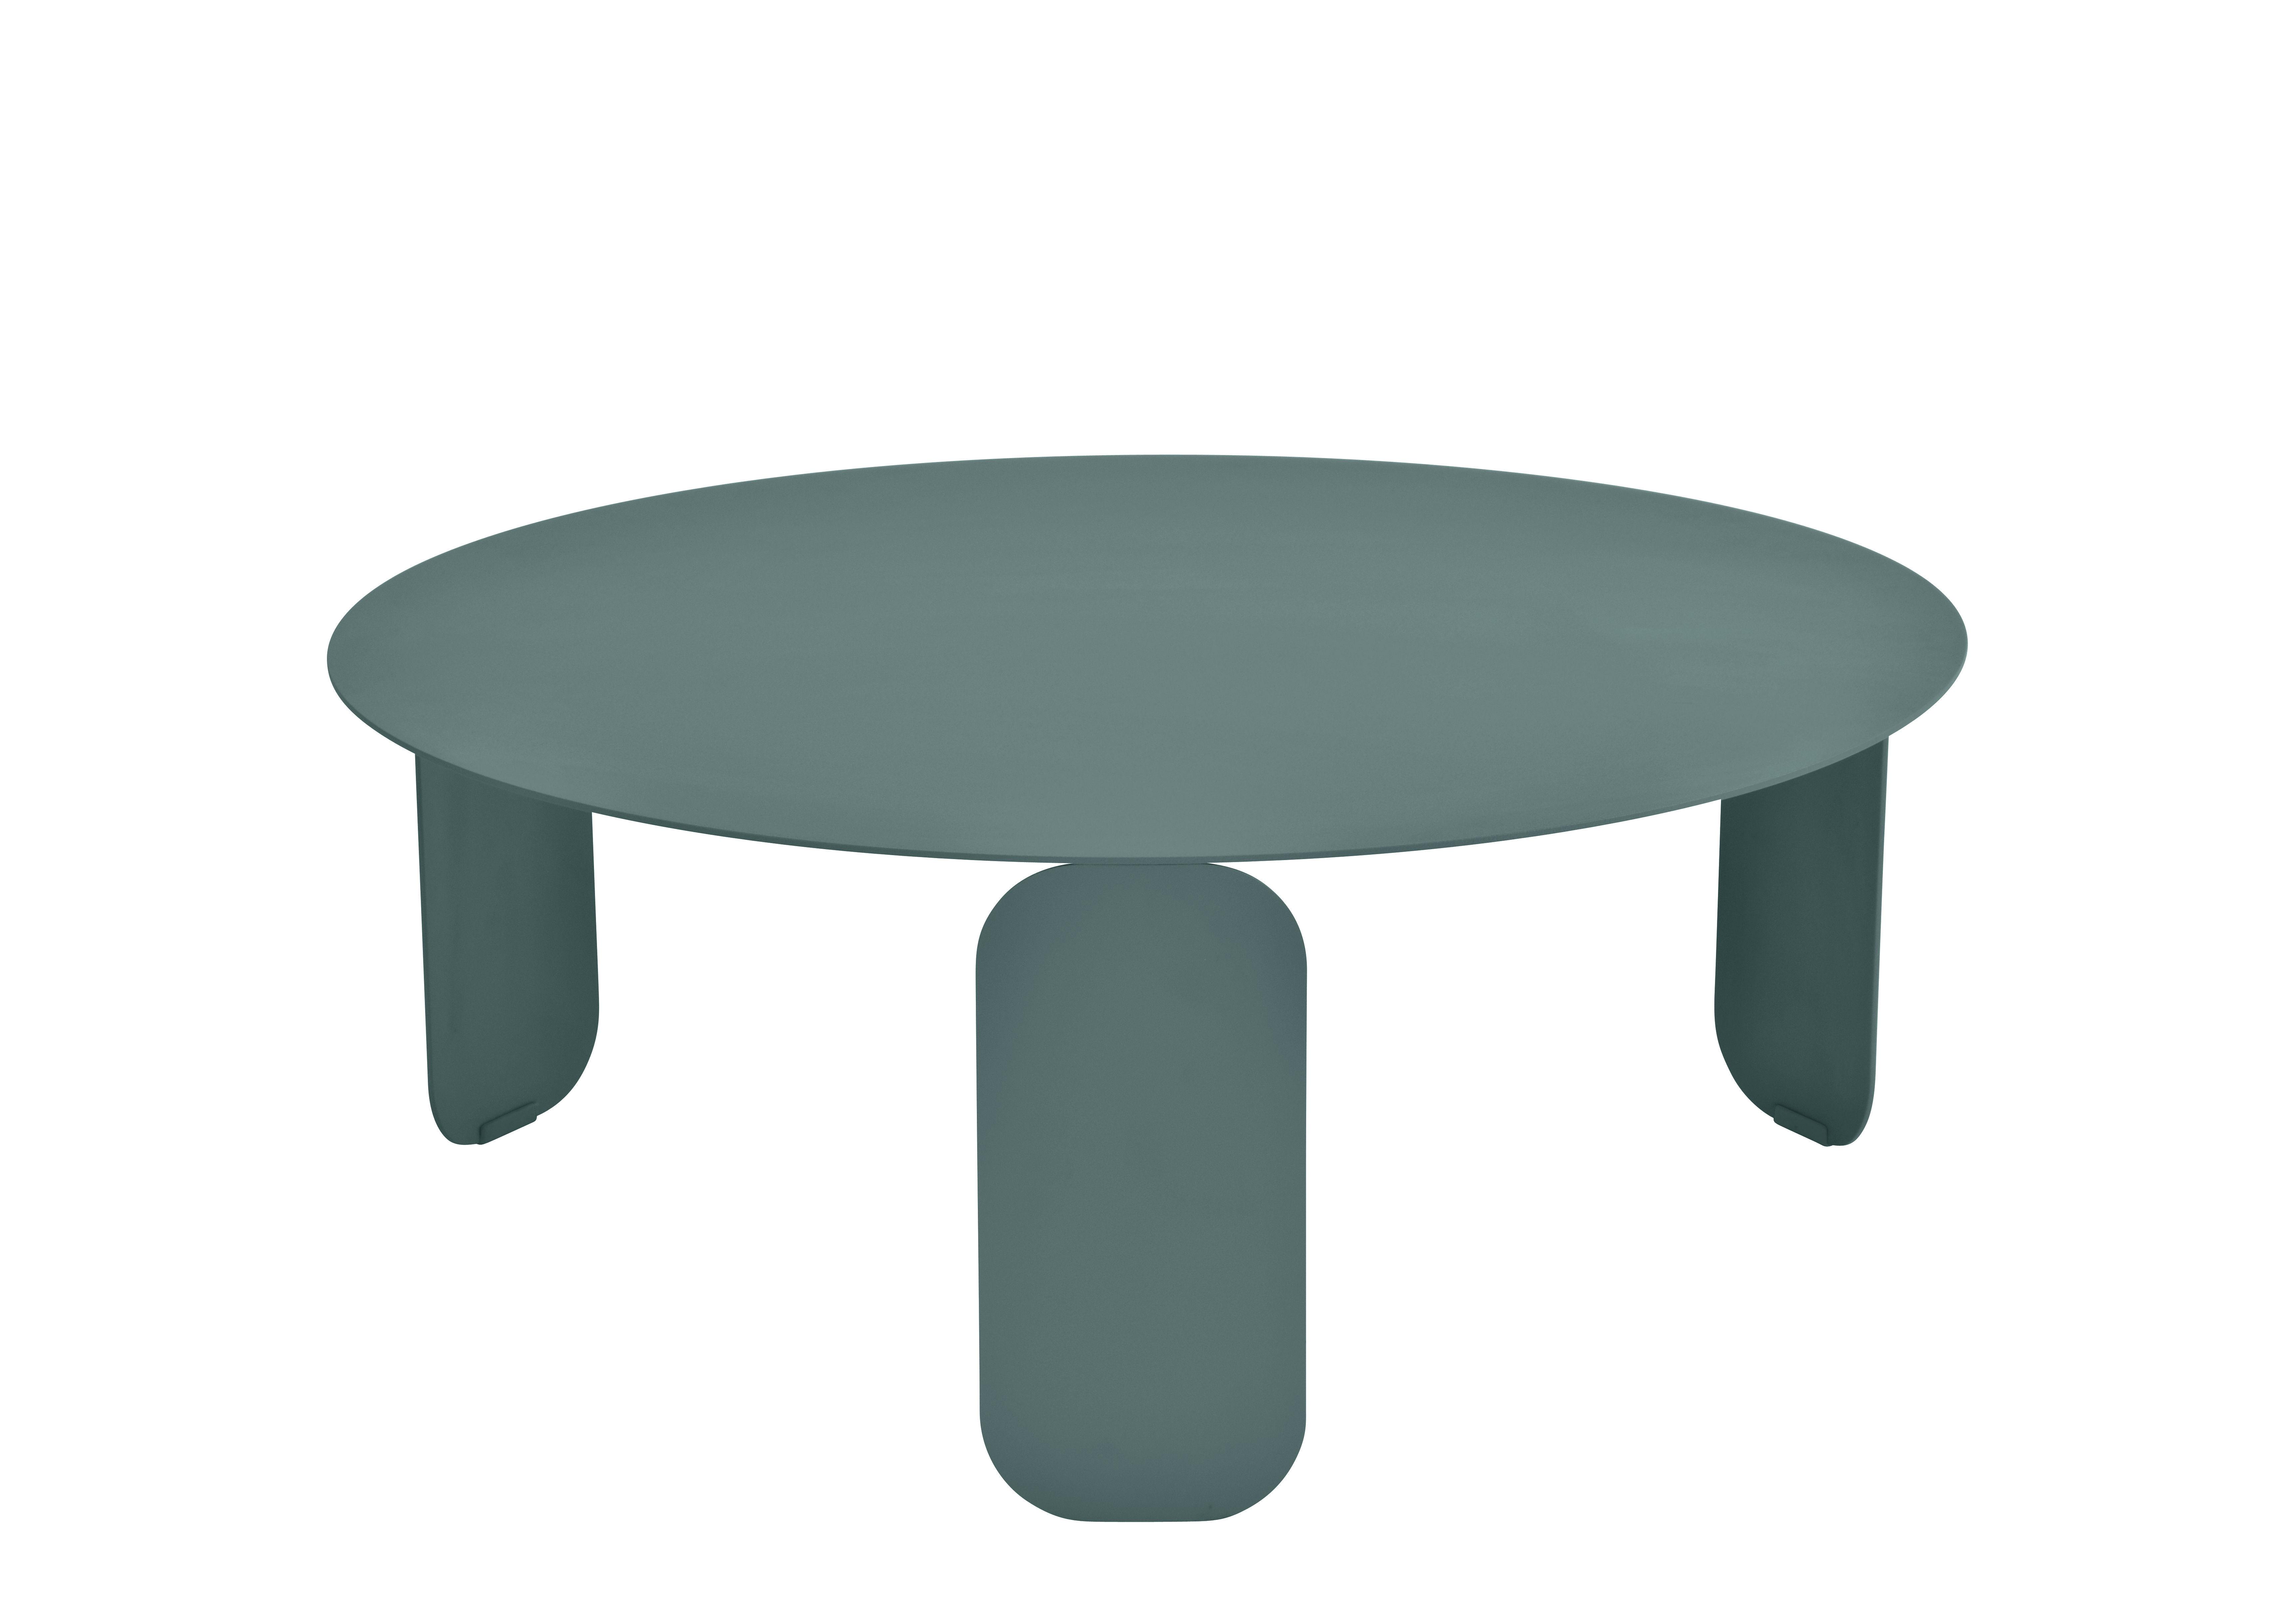 Mobilier - Tables basses - Table basse Bebop / Ø 80 x H 32 cm - Fermob - Gris orage - Acier, Aluminium